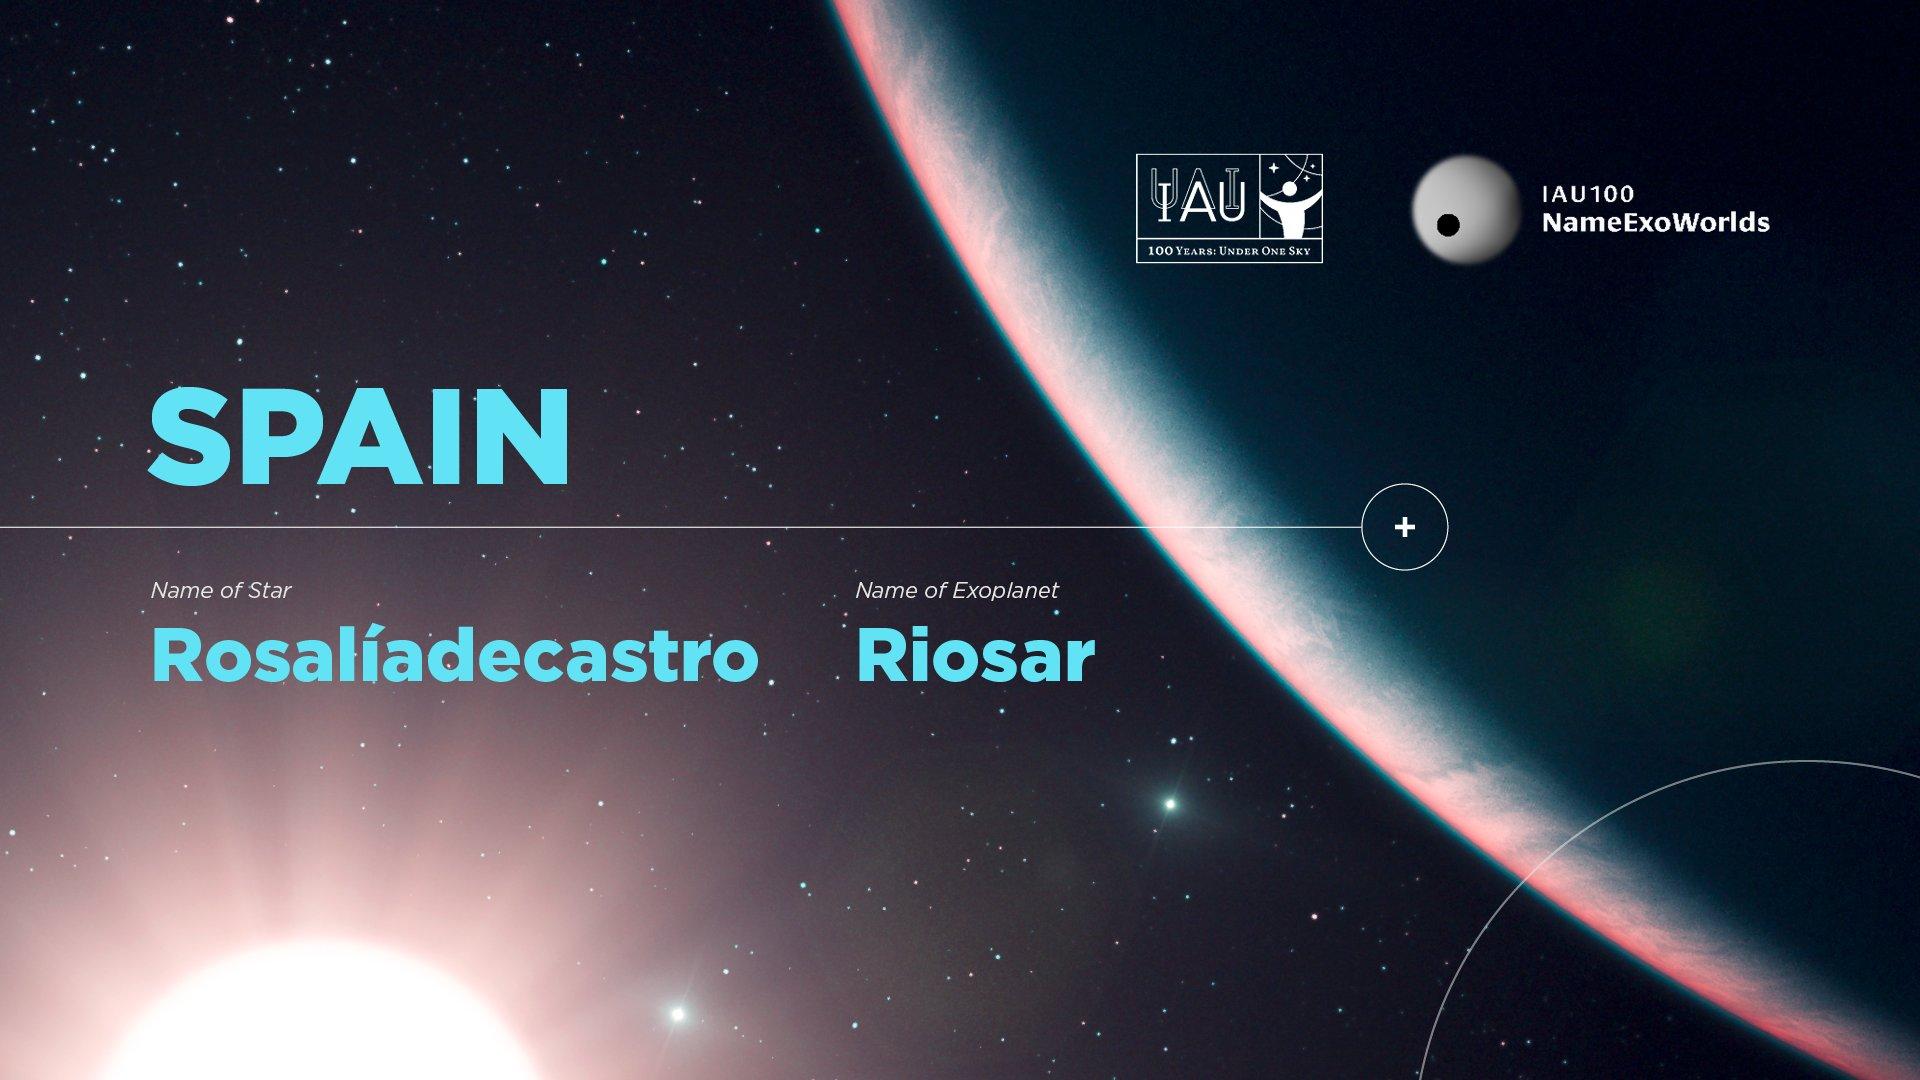 Ya es oficial: Rosalía de Castro da nombre a una estrella